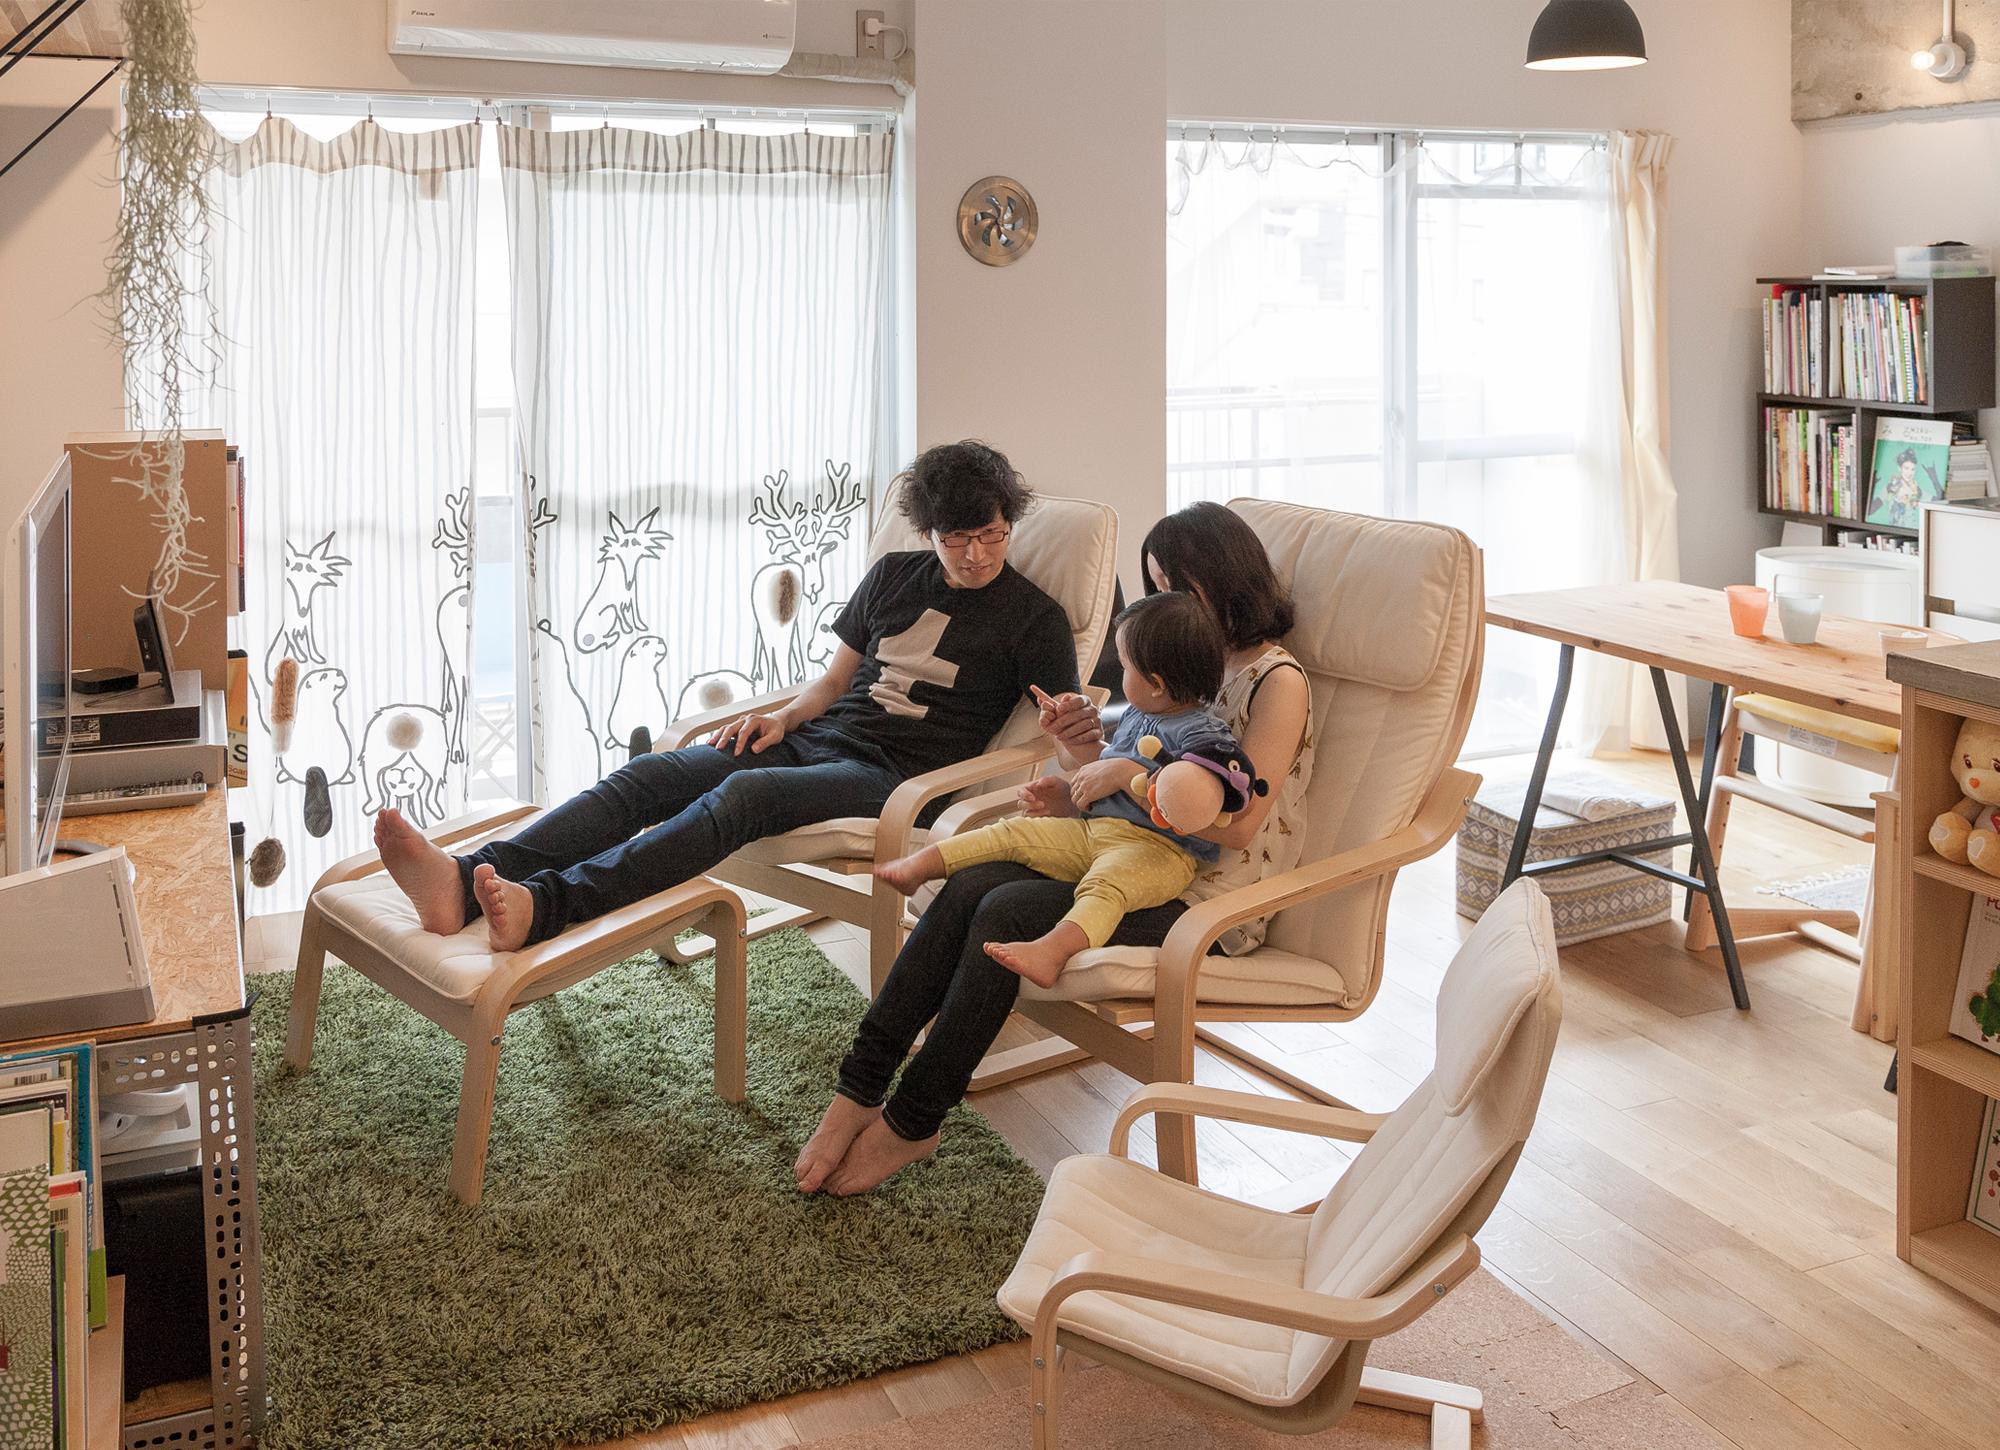 現役パパ&ママが考える「子育てはかどる」リノベテクニック9選